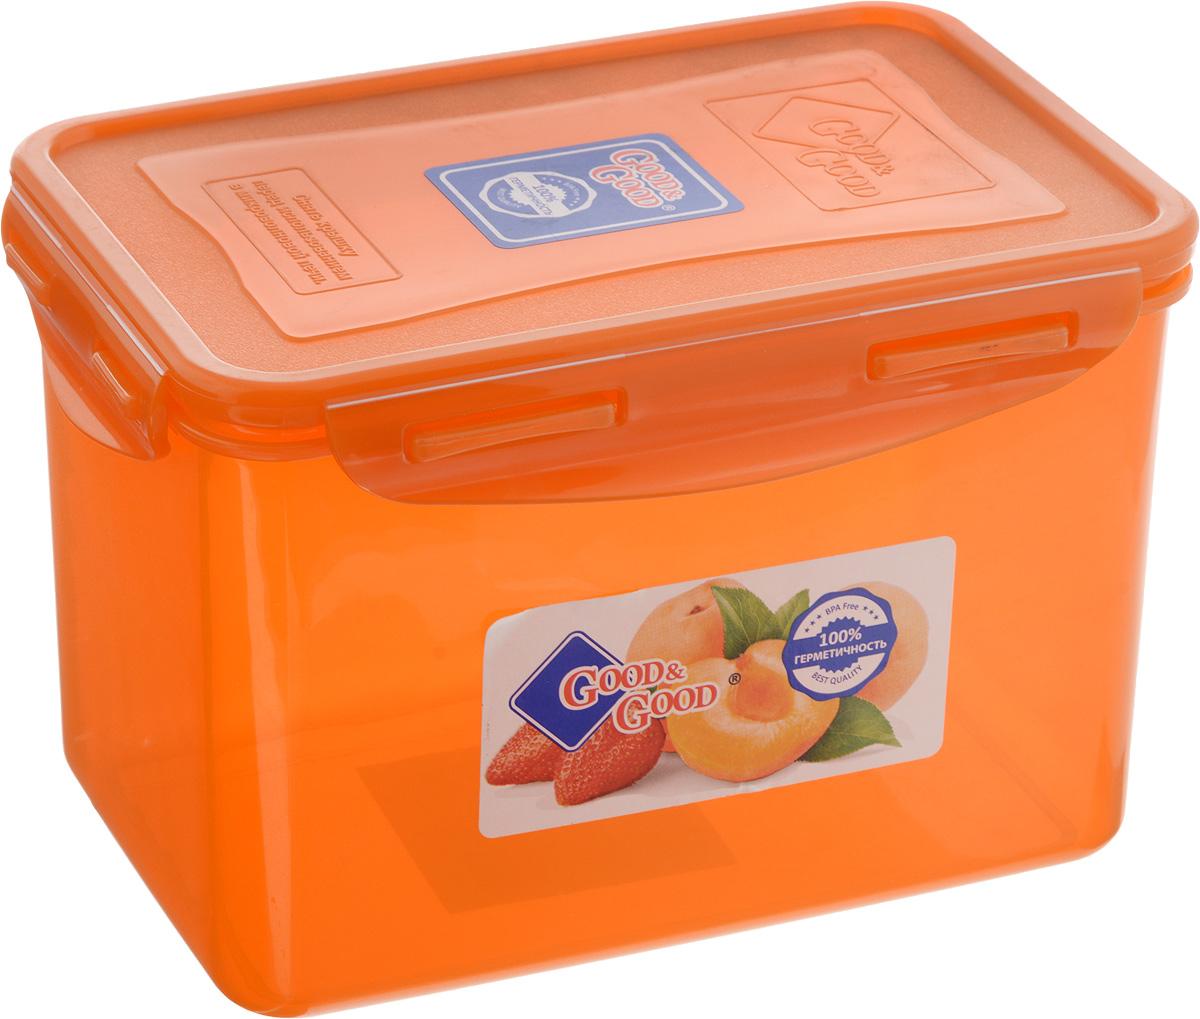 Контейнер для пищевых продуктов Good&Good, 2,2 л3-3/COLORS_оранжевыйКонтейнер Good&Good, изготовленный из высококачественного полипропилена, предназначен для хранения любых пищевых продуктов. Крышка с силиконовой вставкой герметично защелкивается специальным механизмом. Изделие устойчиво к воздействию масел и жиров, легко моется. Полупрозрачные стенки позволяют видеть содержимое. Контейнер имеет возможность хранения продуктов глубокой заморозки, обладает высокой прочностью. Контейнер Good&Good удобен для ежедневного использования в быту. Можно мыть в посудомоечной машине и использовать в холодильнике и микроволновой печи. Размер контейнера (с учетом крышки): 13,5 х 20 х 13 см.